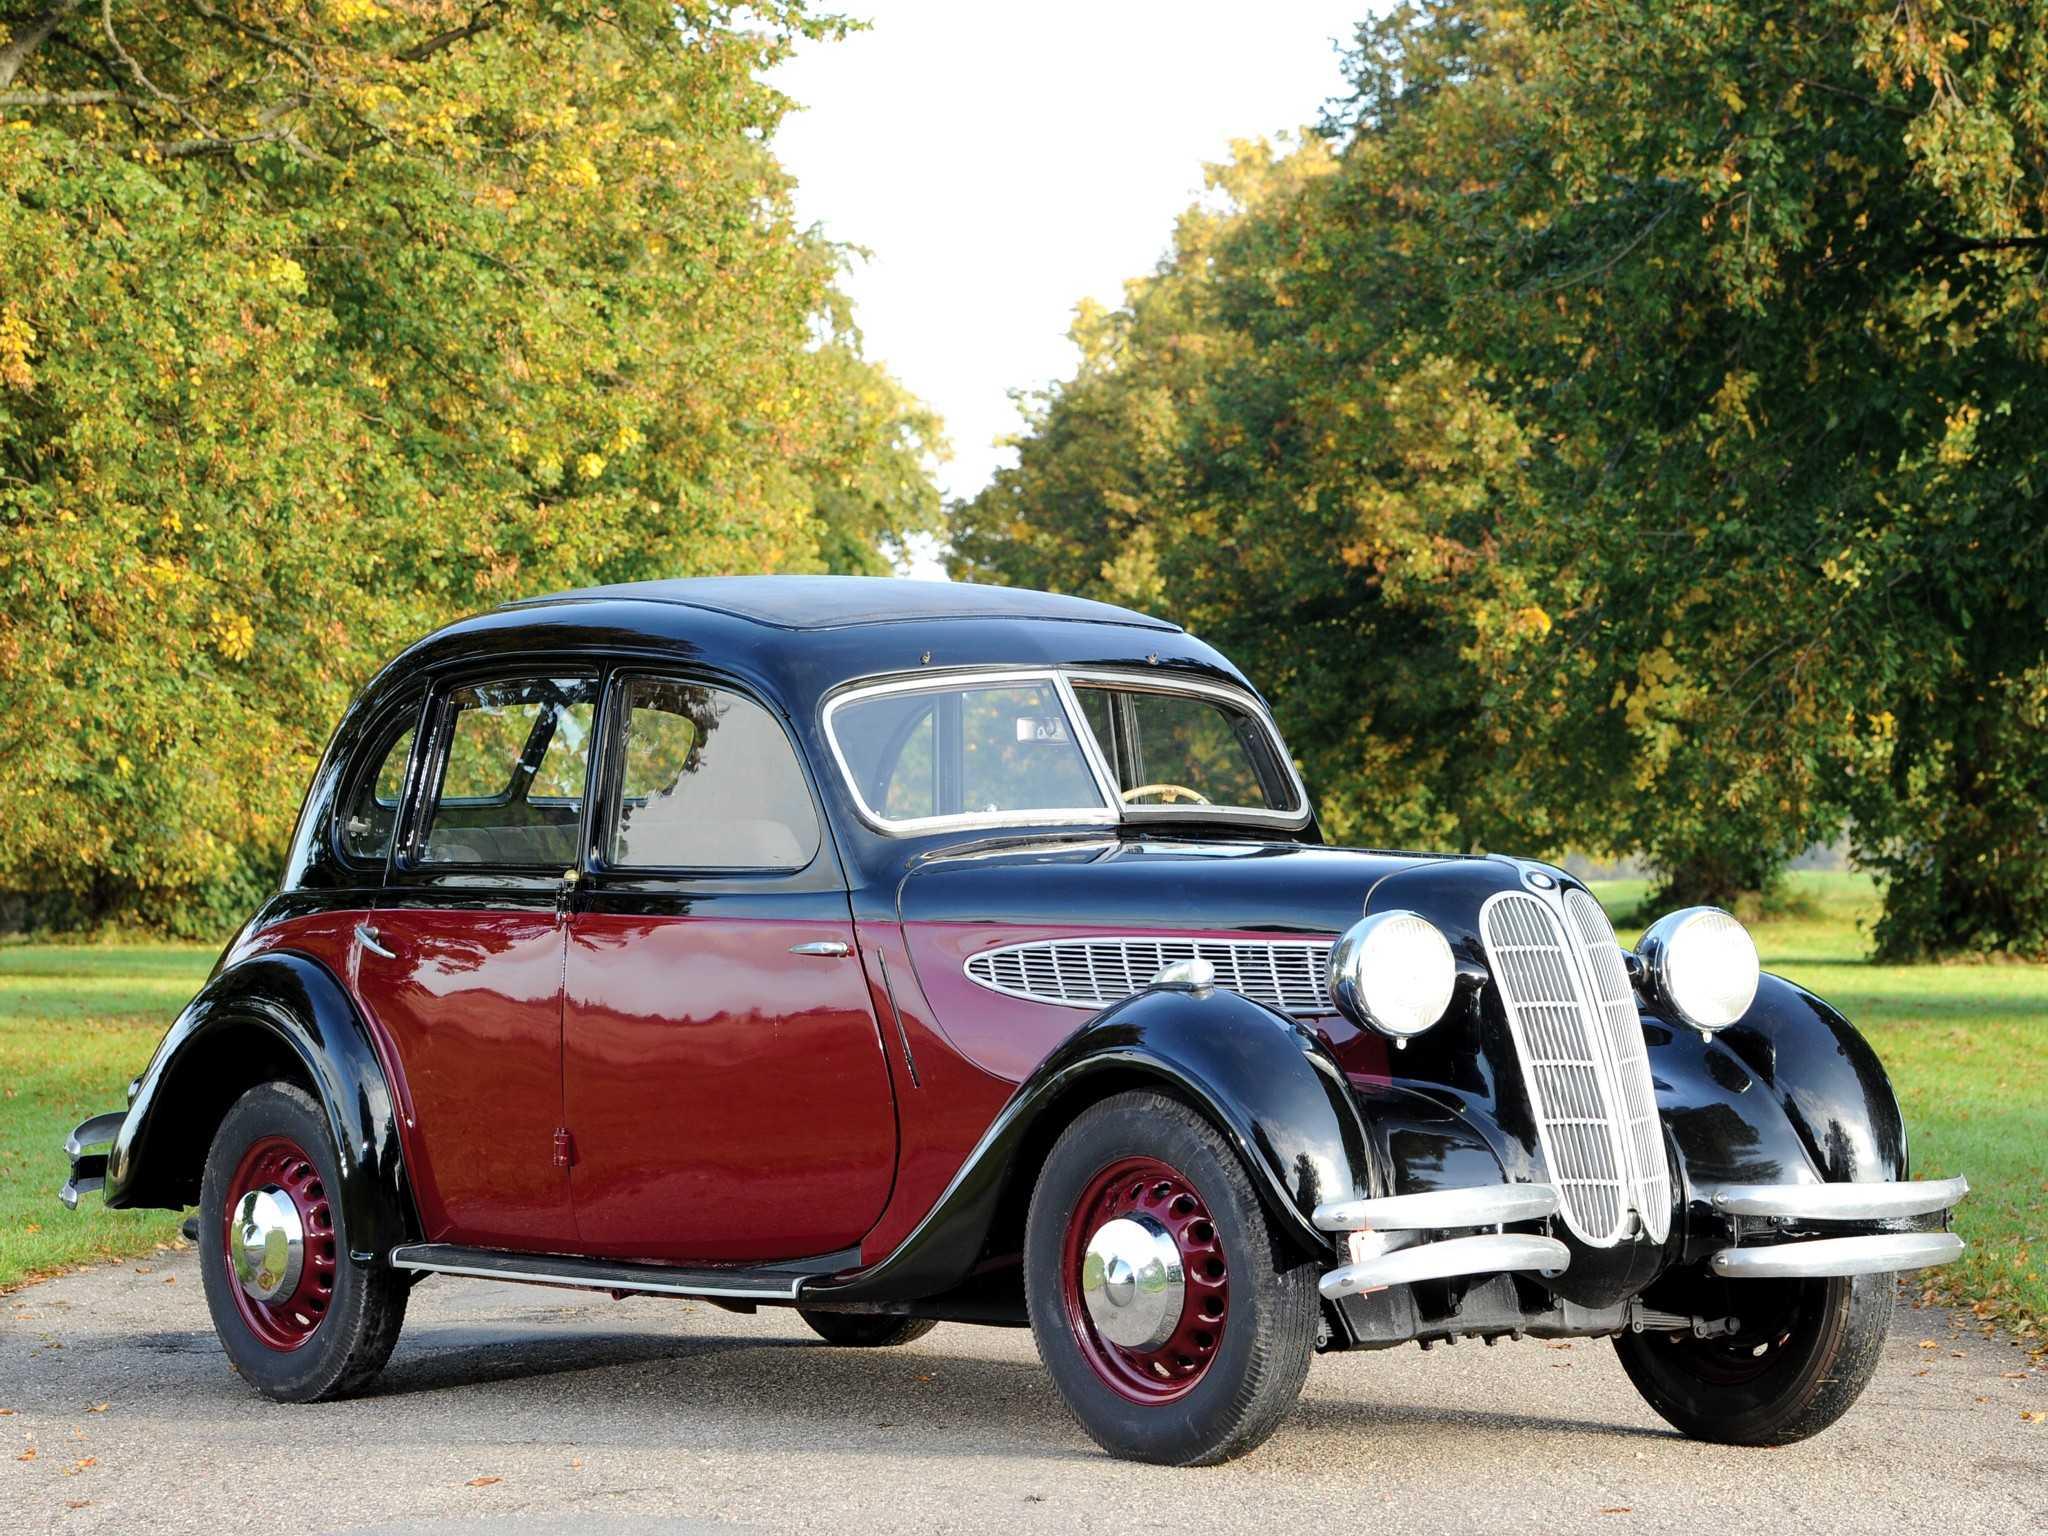 История успеха bmw. как баварским заводам удалось стать лучшей маркой премиальных автомобилей?